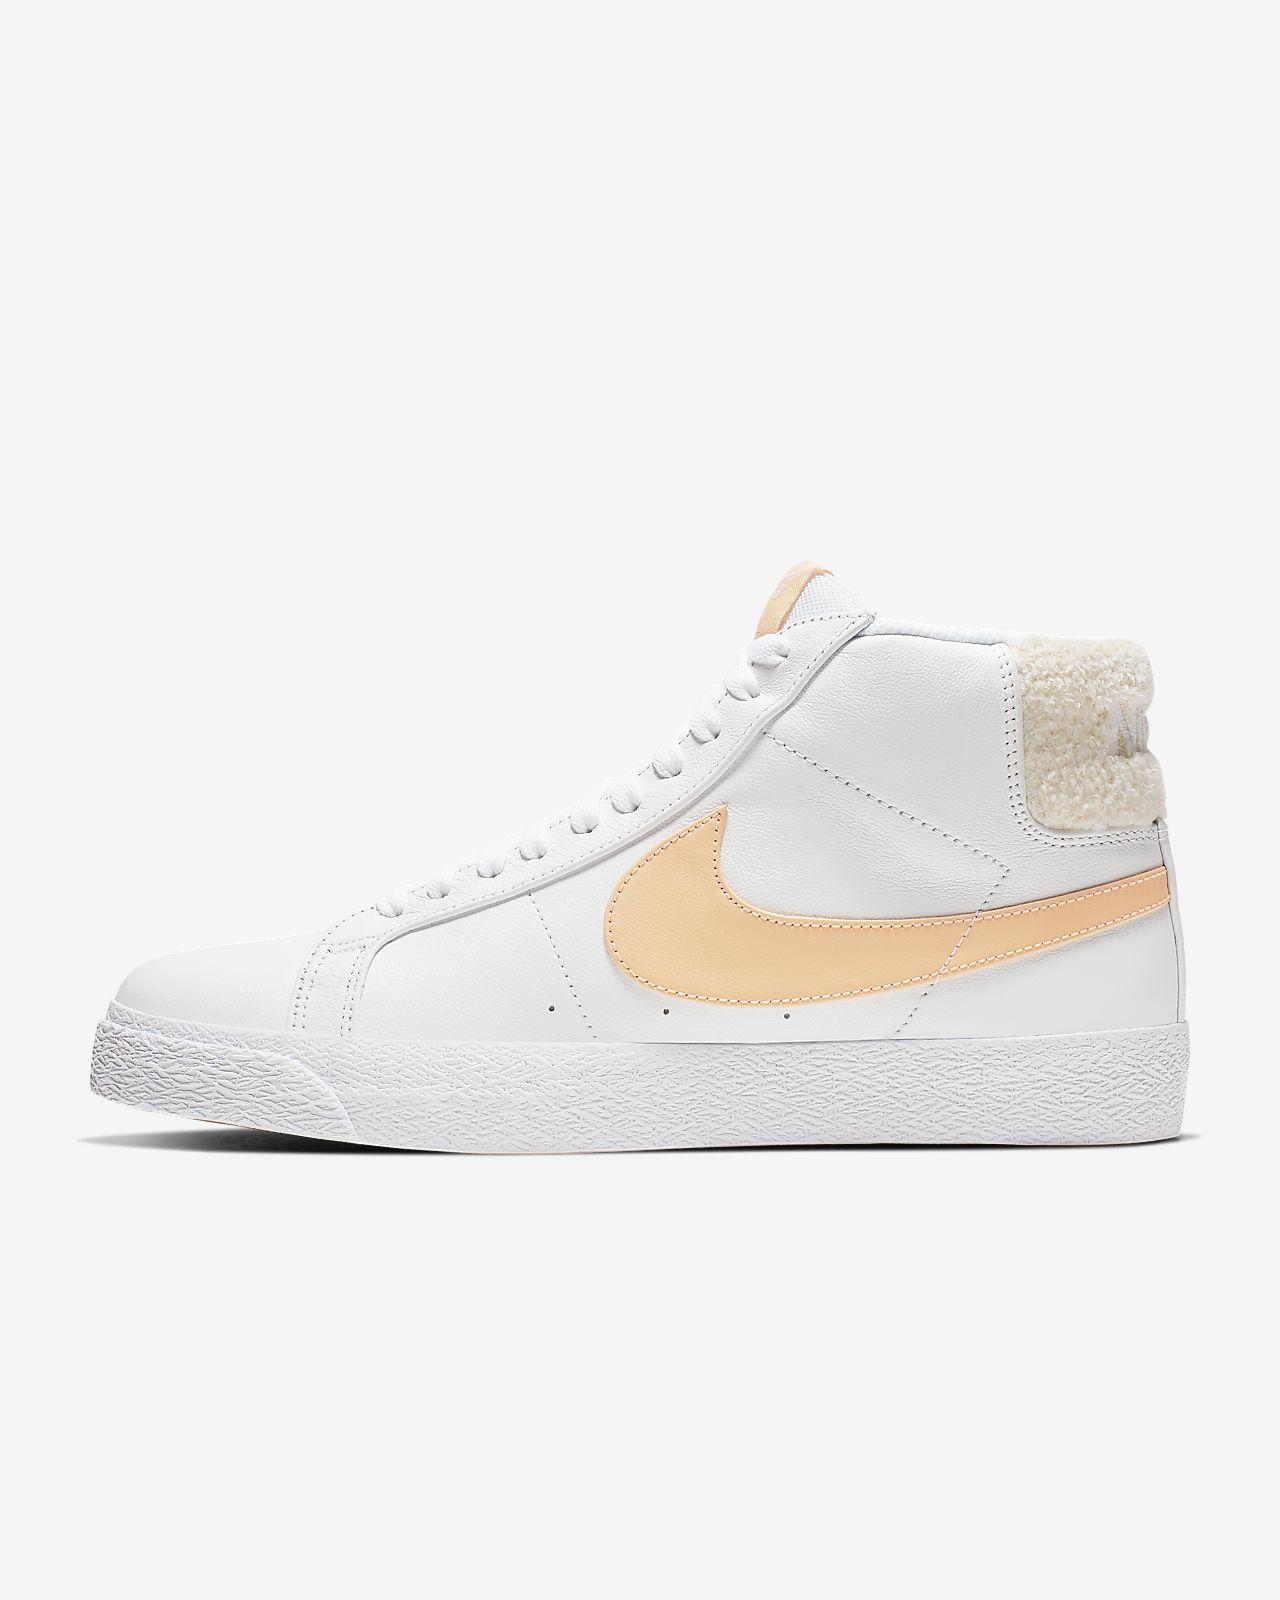 Skateboardsko Nike SB Zoom Blazer Mid Premium